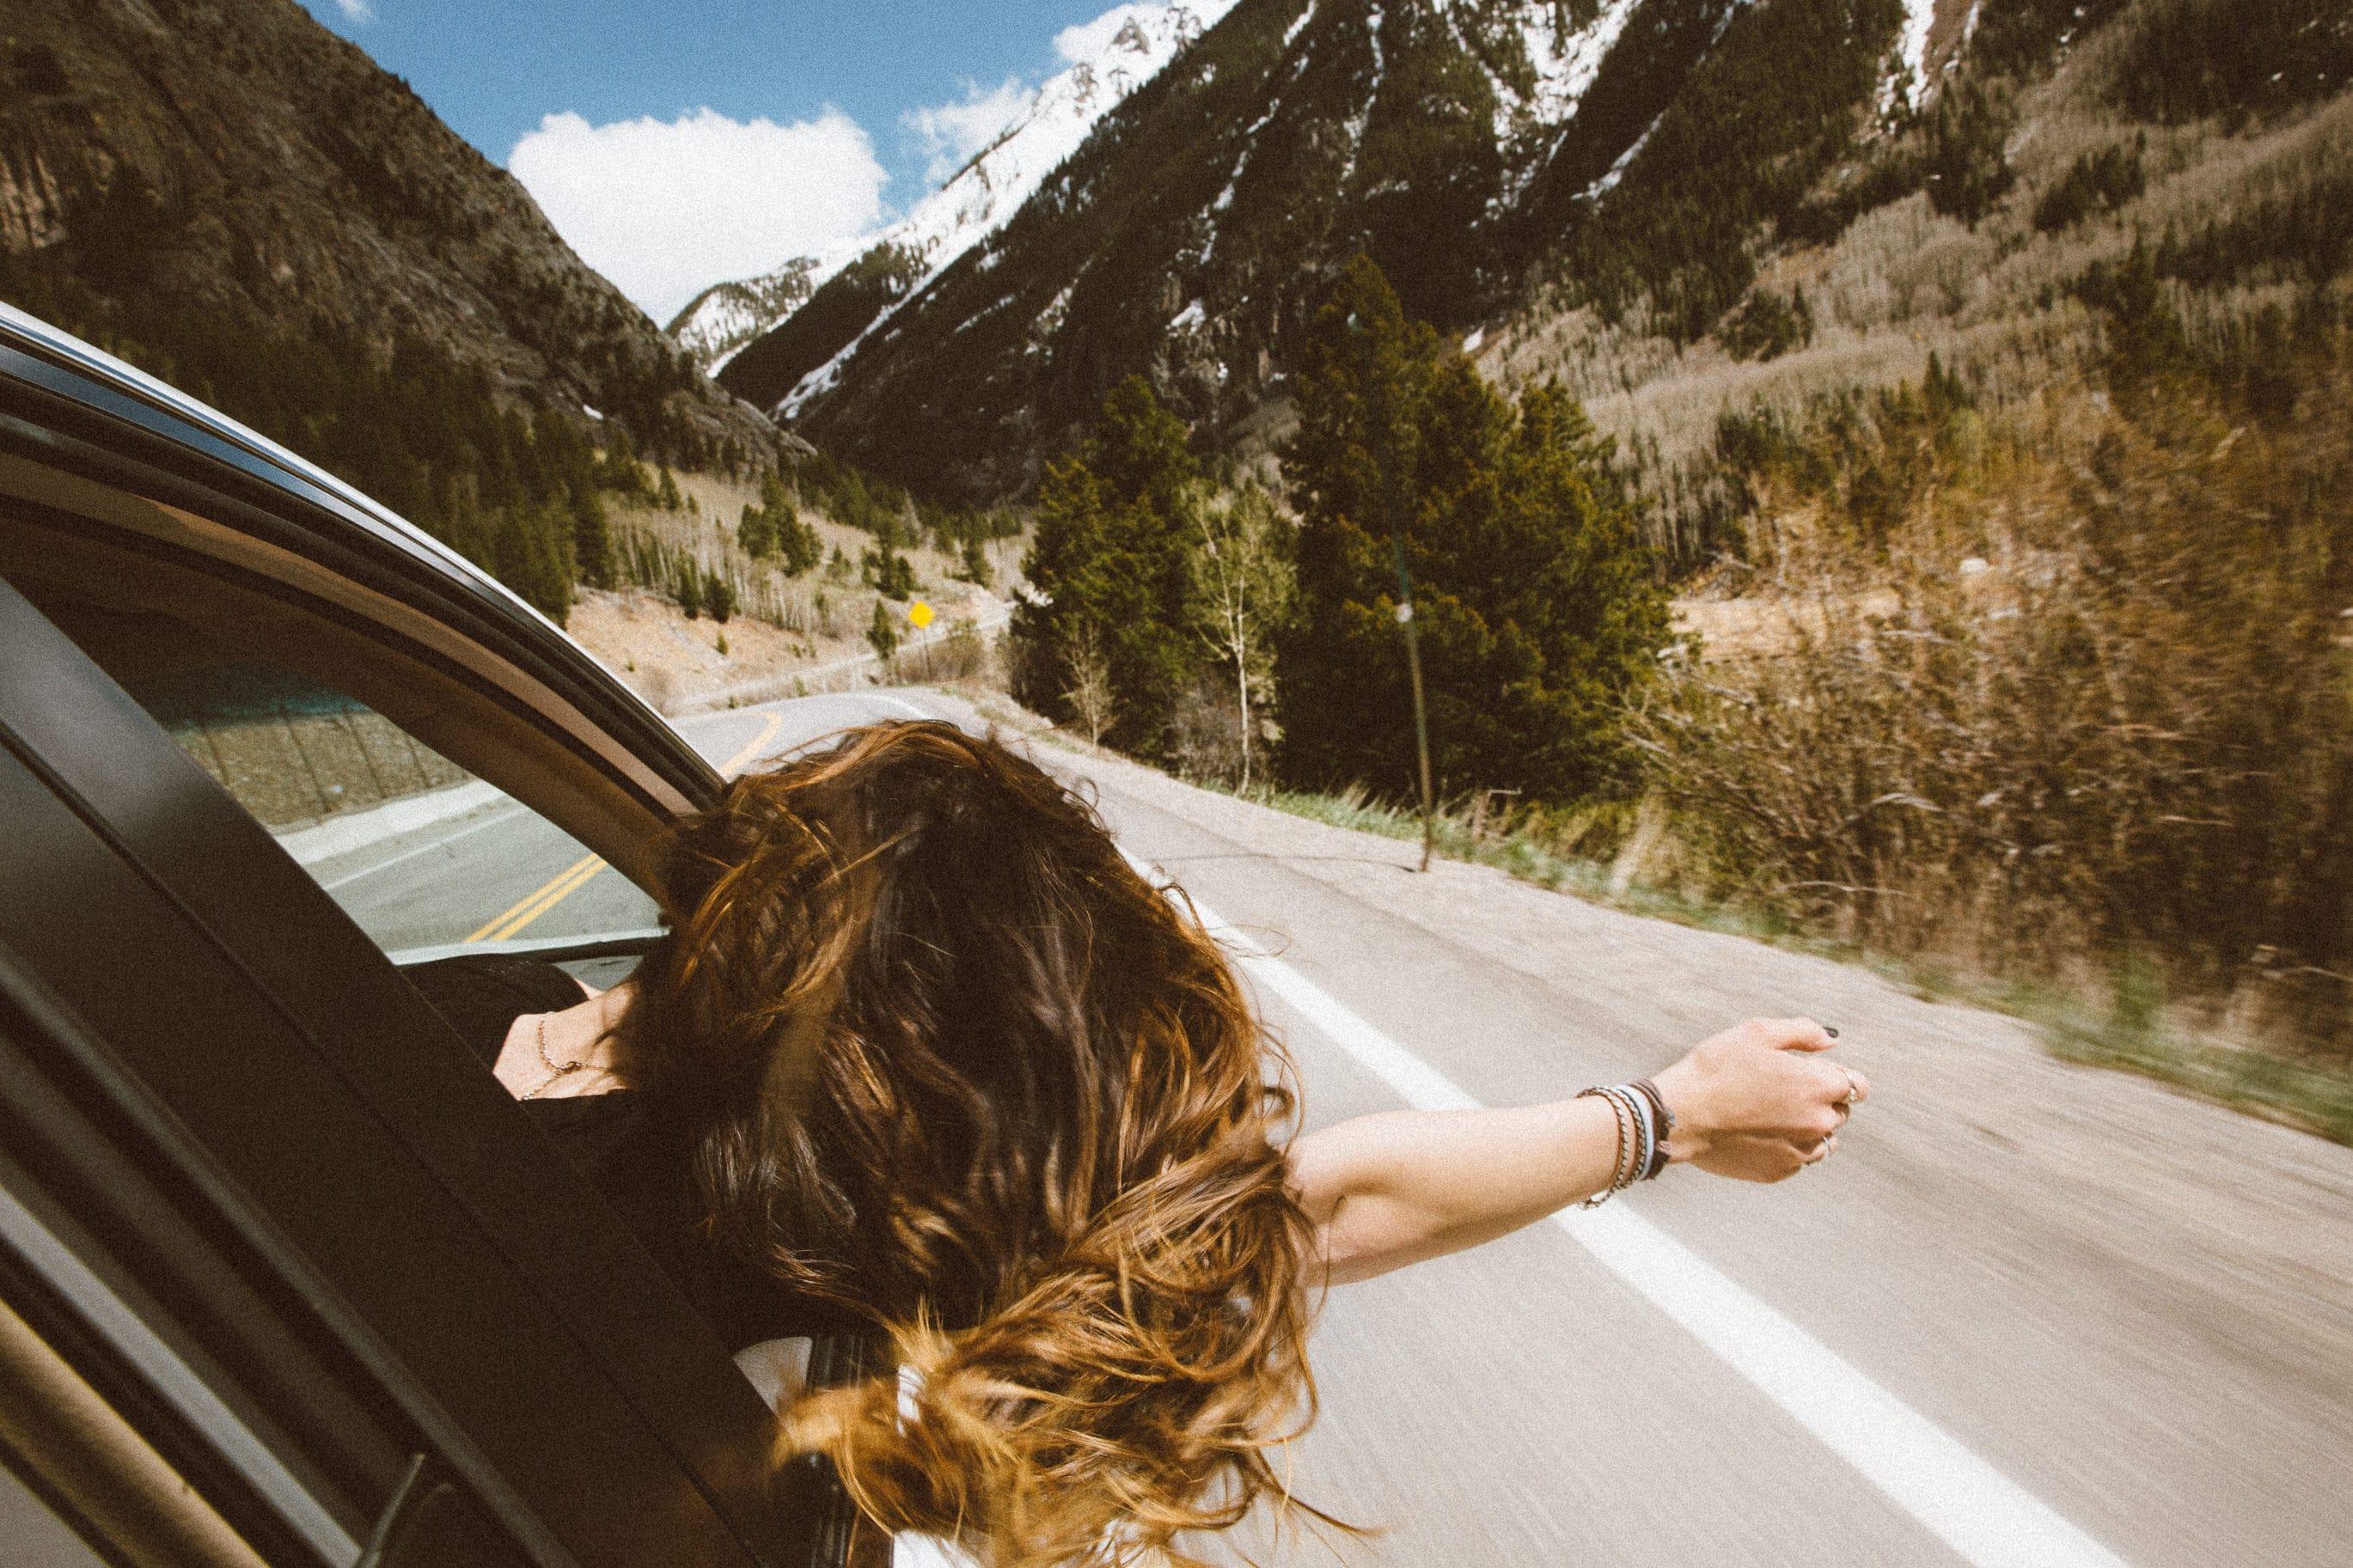 voyage+voiture+montagne